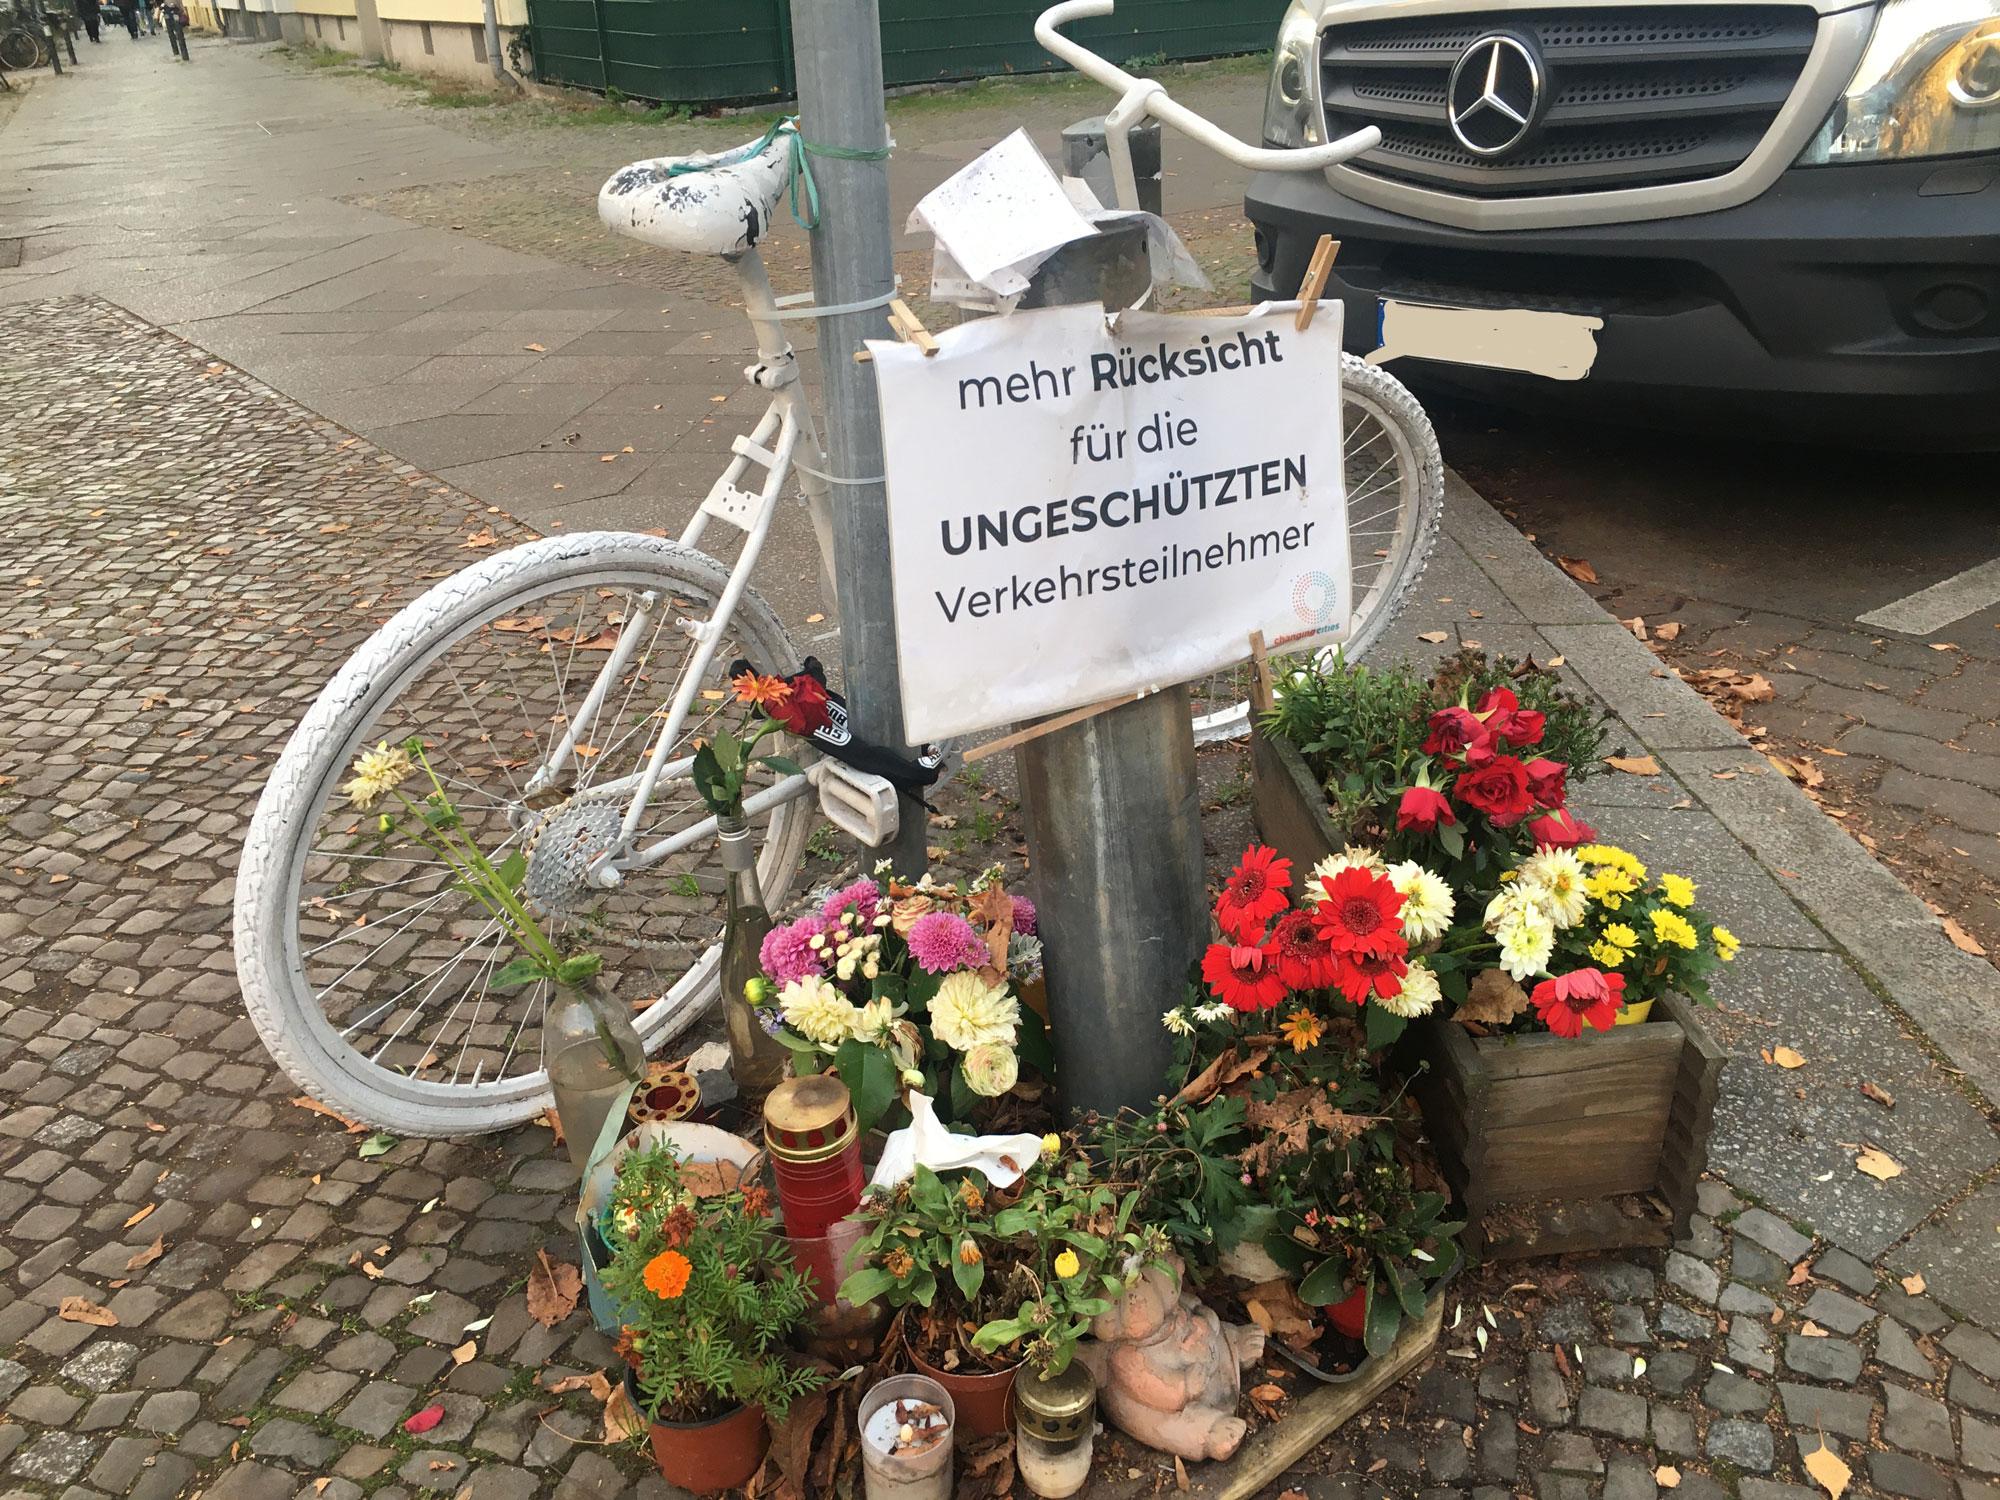 Weißes Fahrrad zur Erinnerung an tödlichen Verkehrsunfall